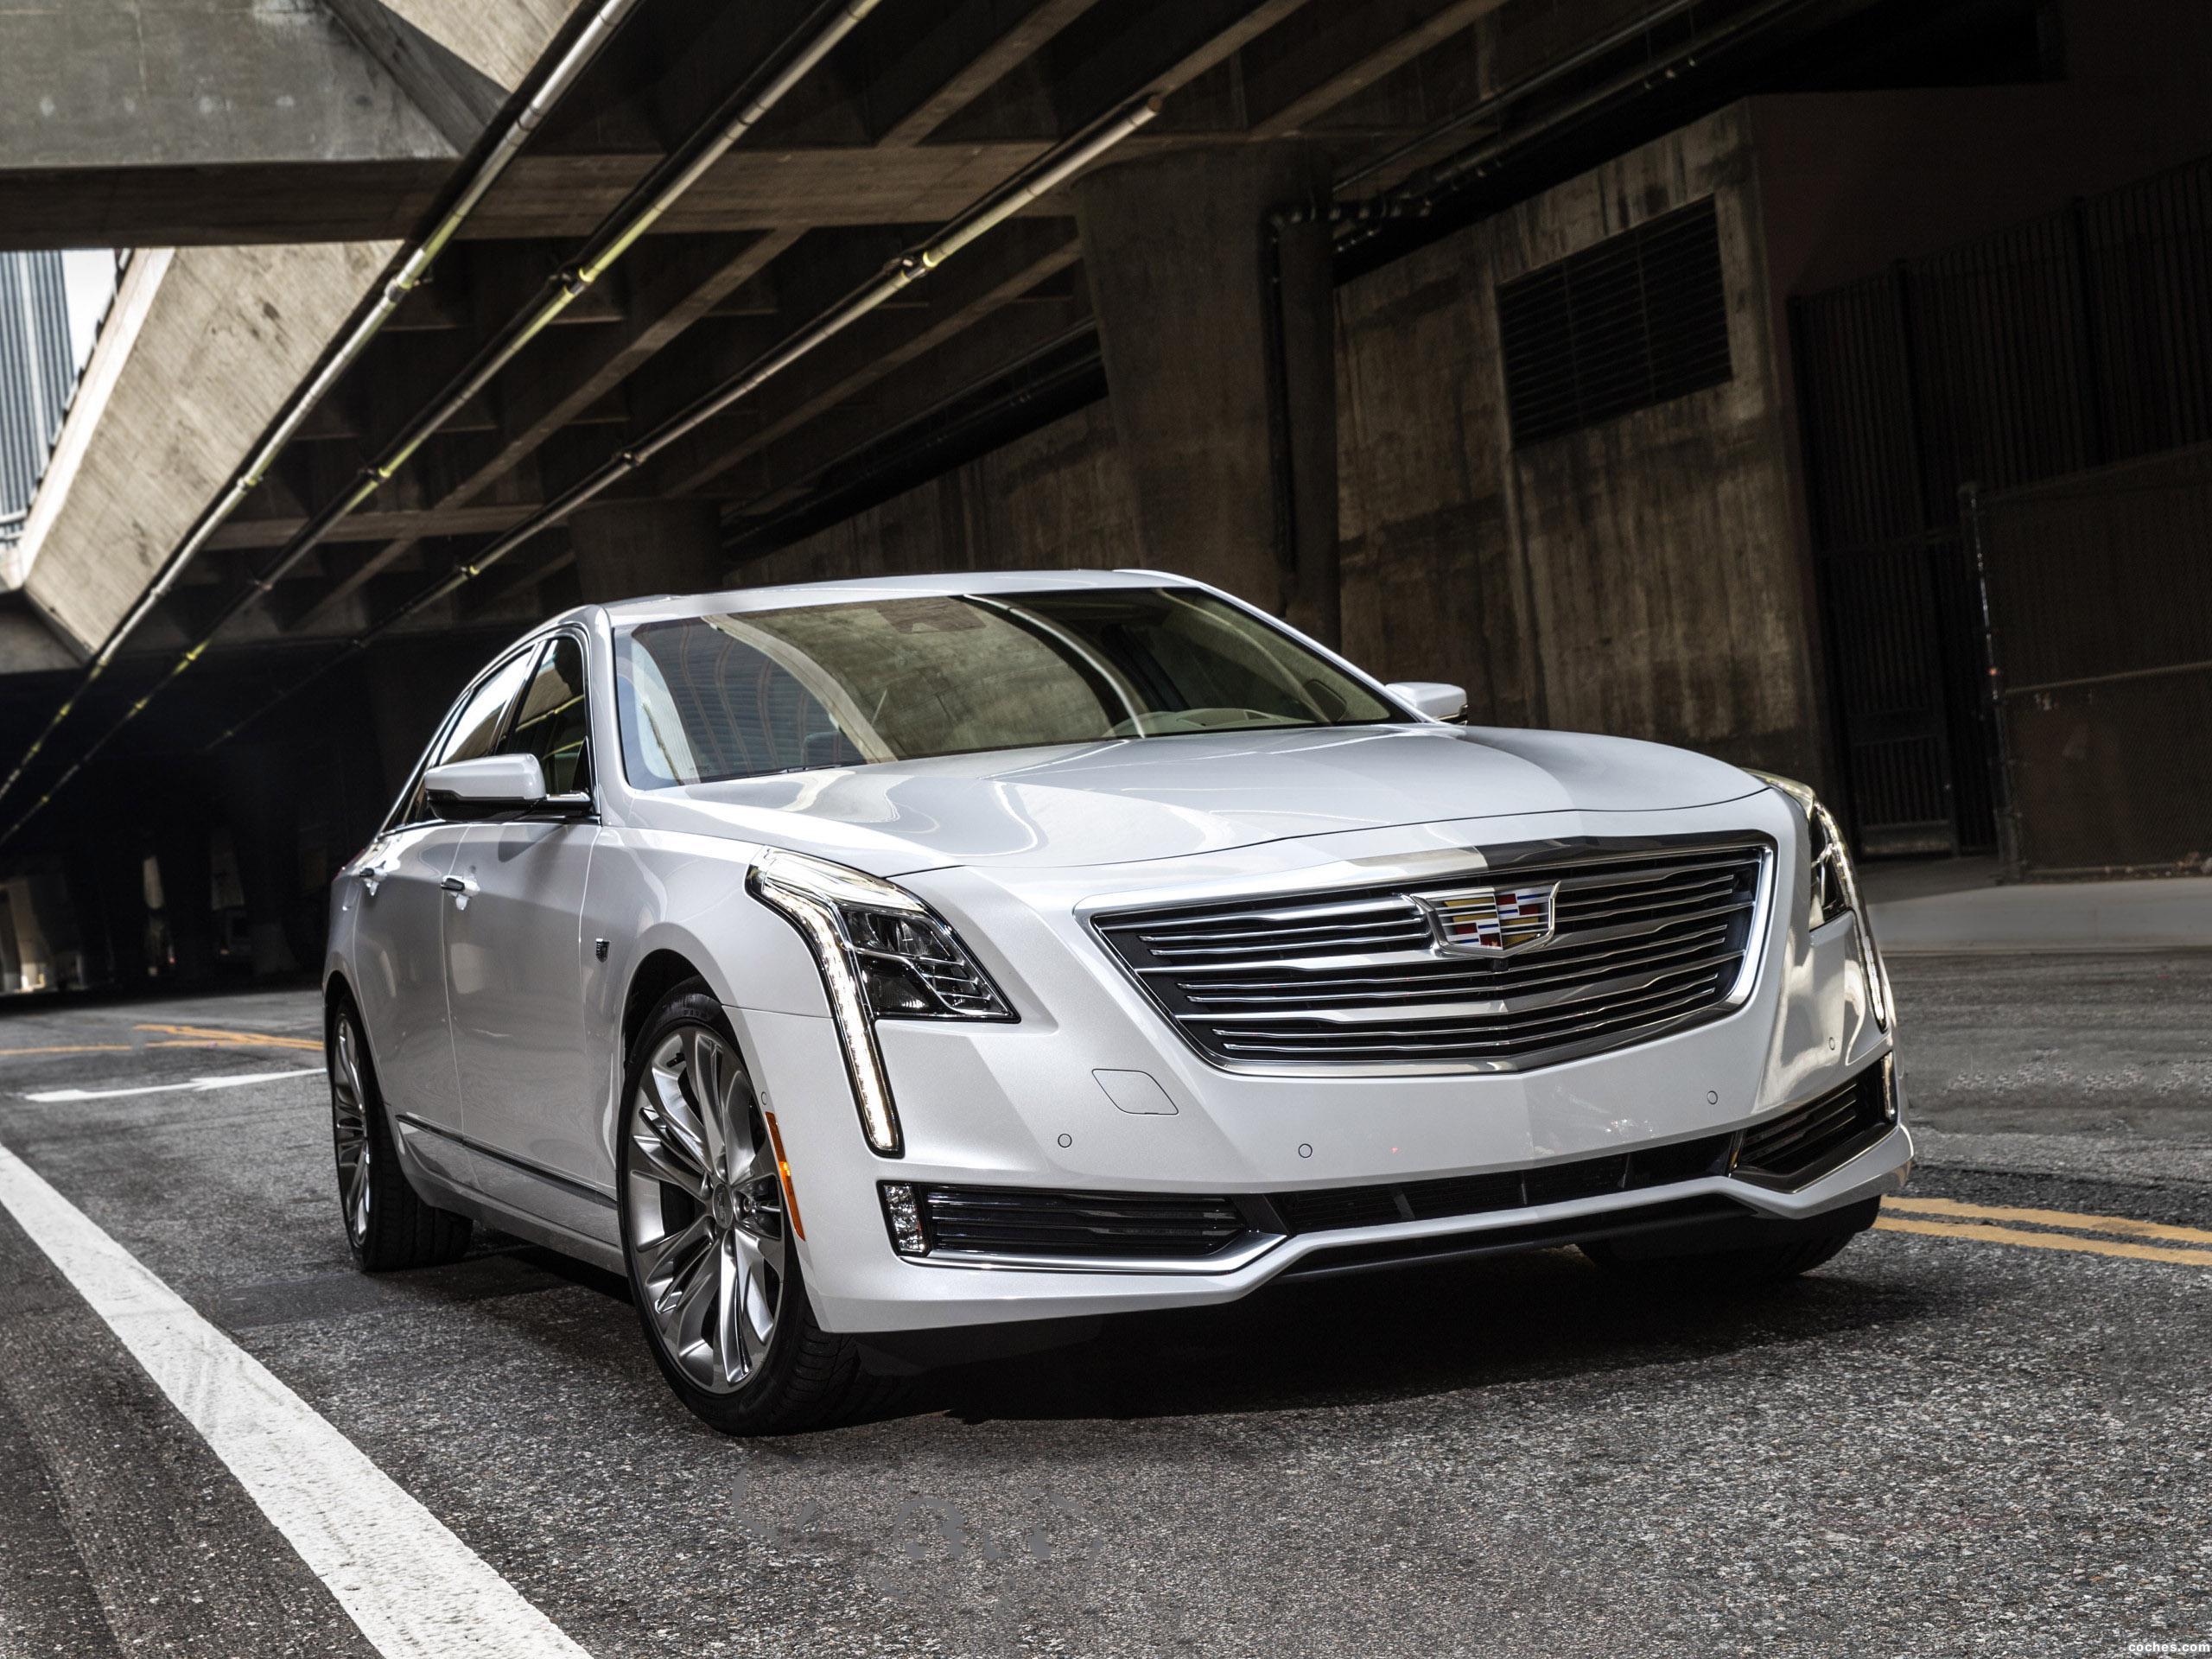 Foto 0 de Cadillac CT6 2015